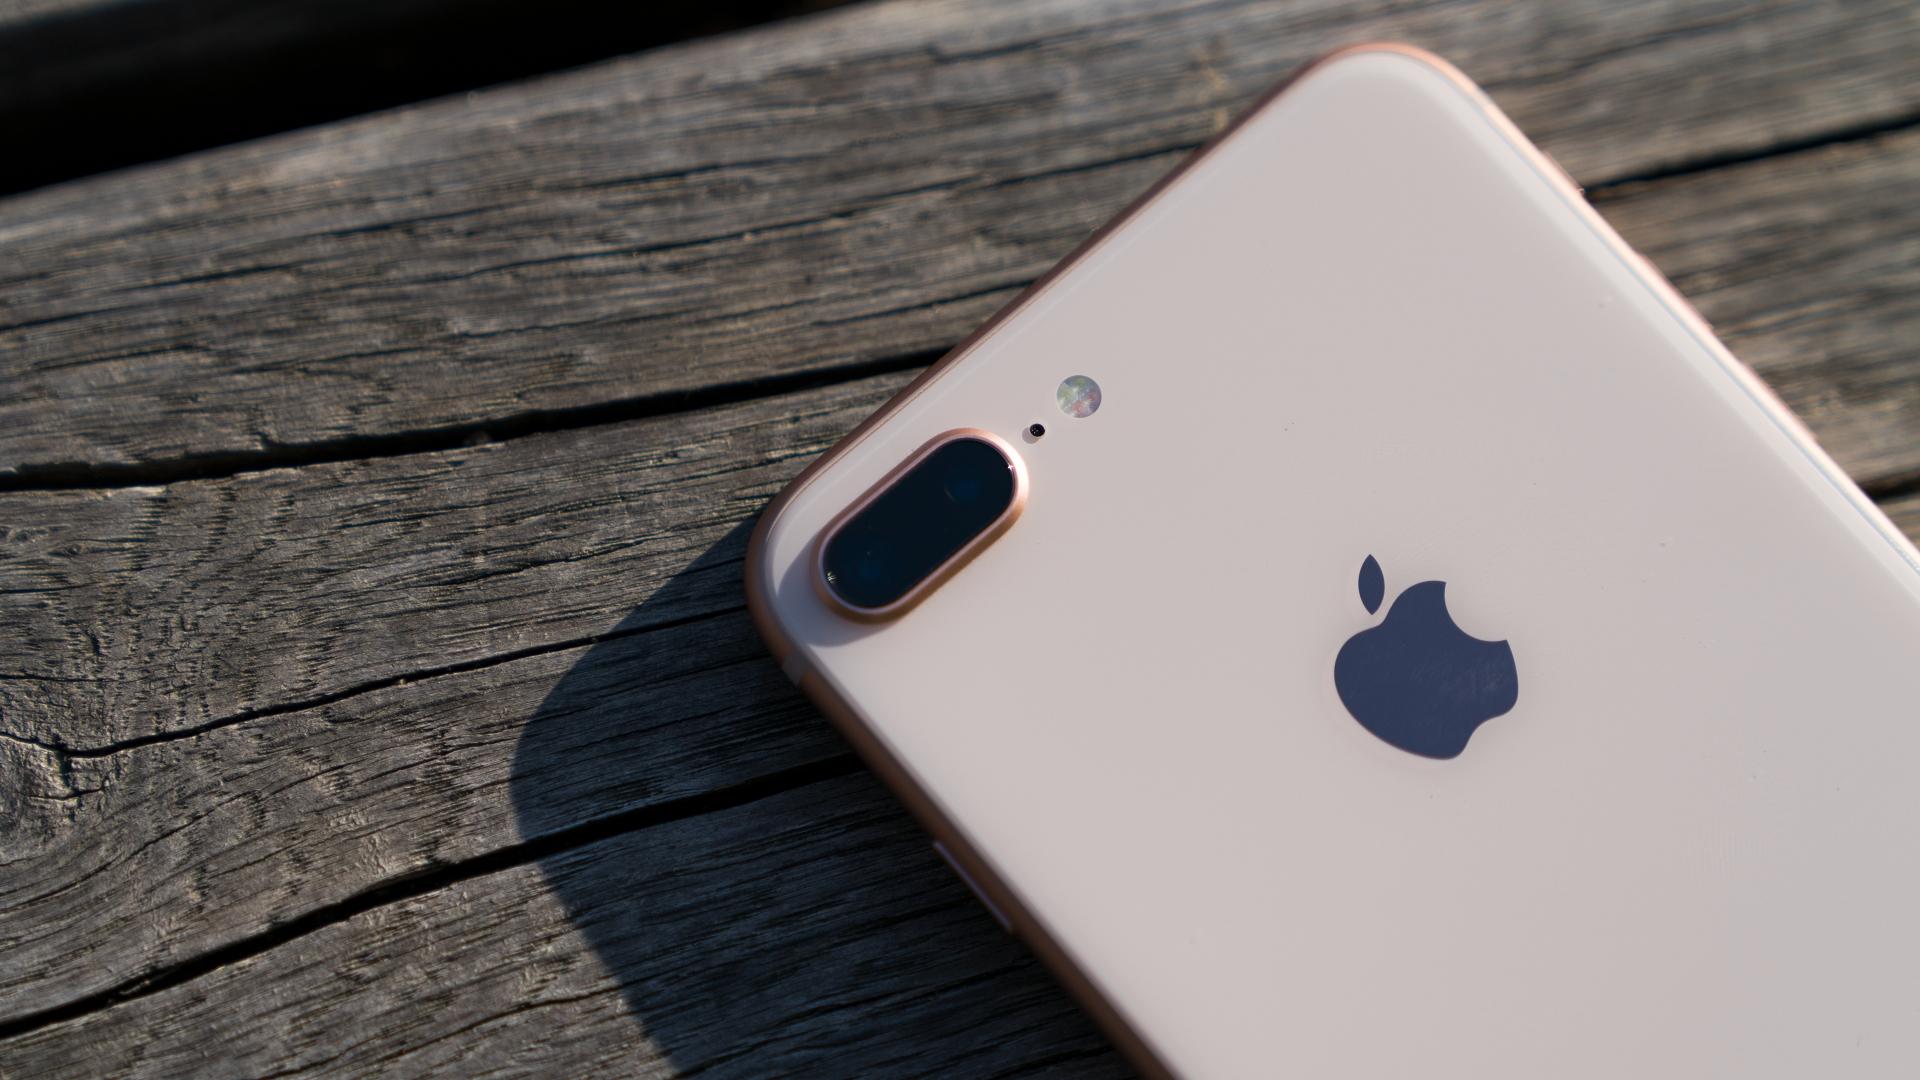 Foťák v iPhonu dostane periskop pro lepší zoom v roce 2022